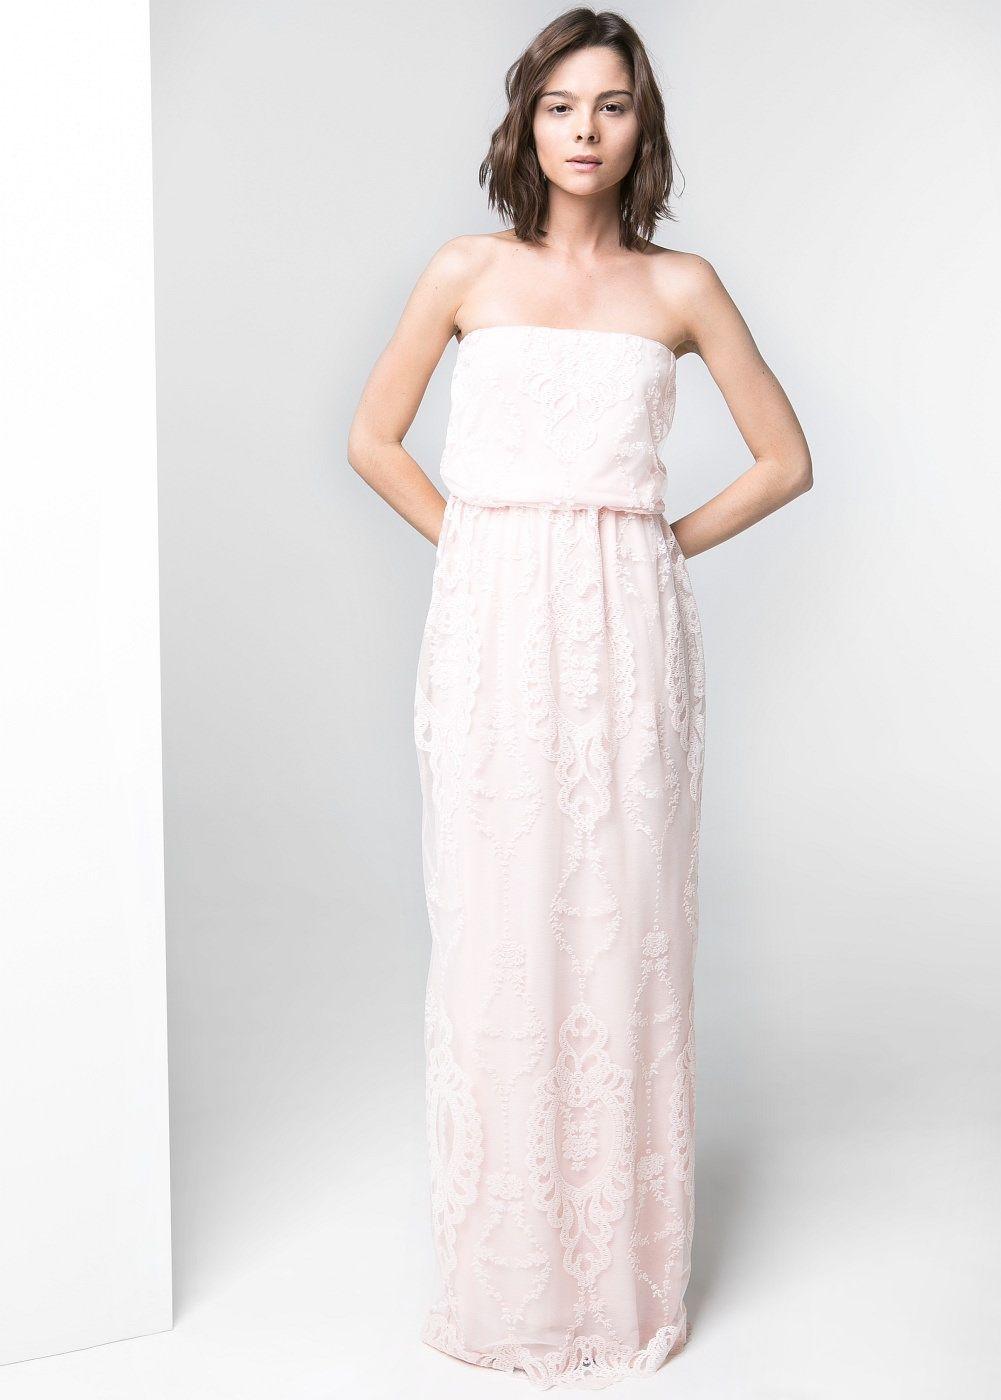 Langes tüllkleid - Damen  Vestidos boda civil, Vestidos de novia